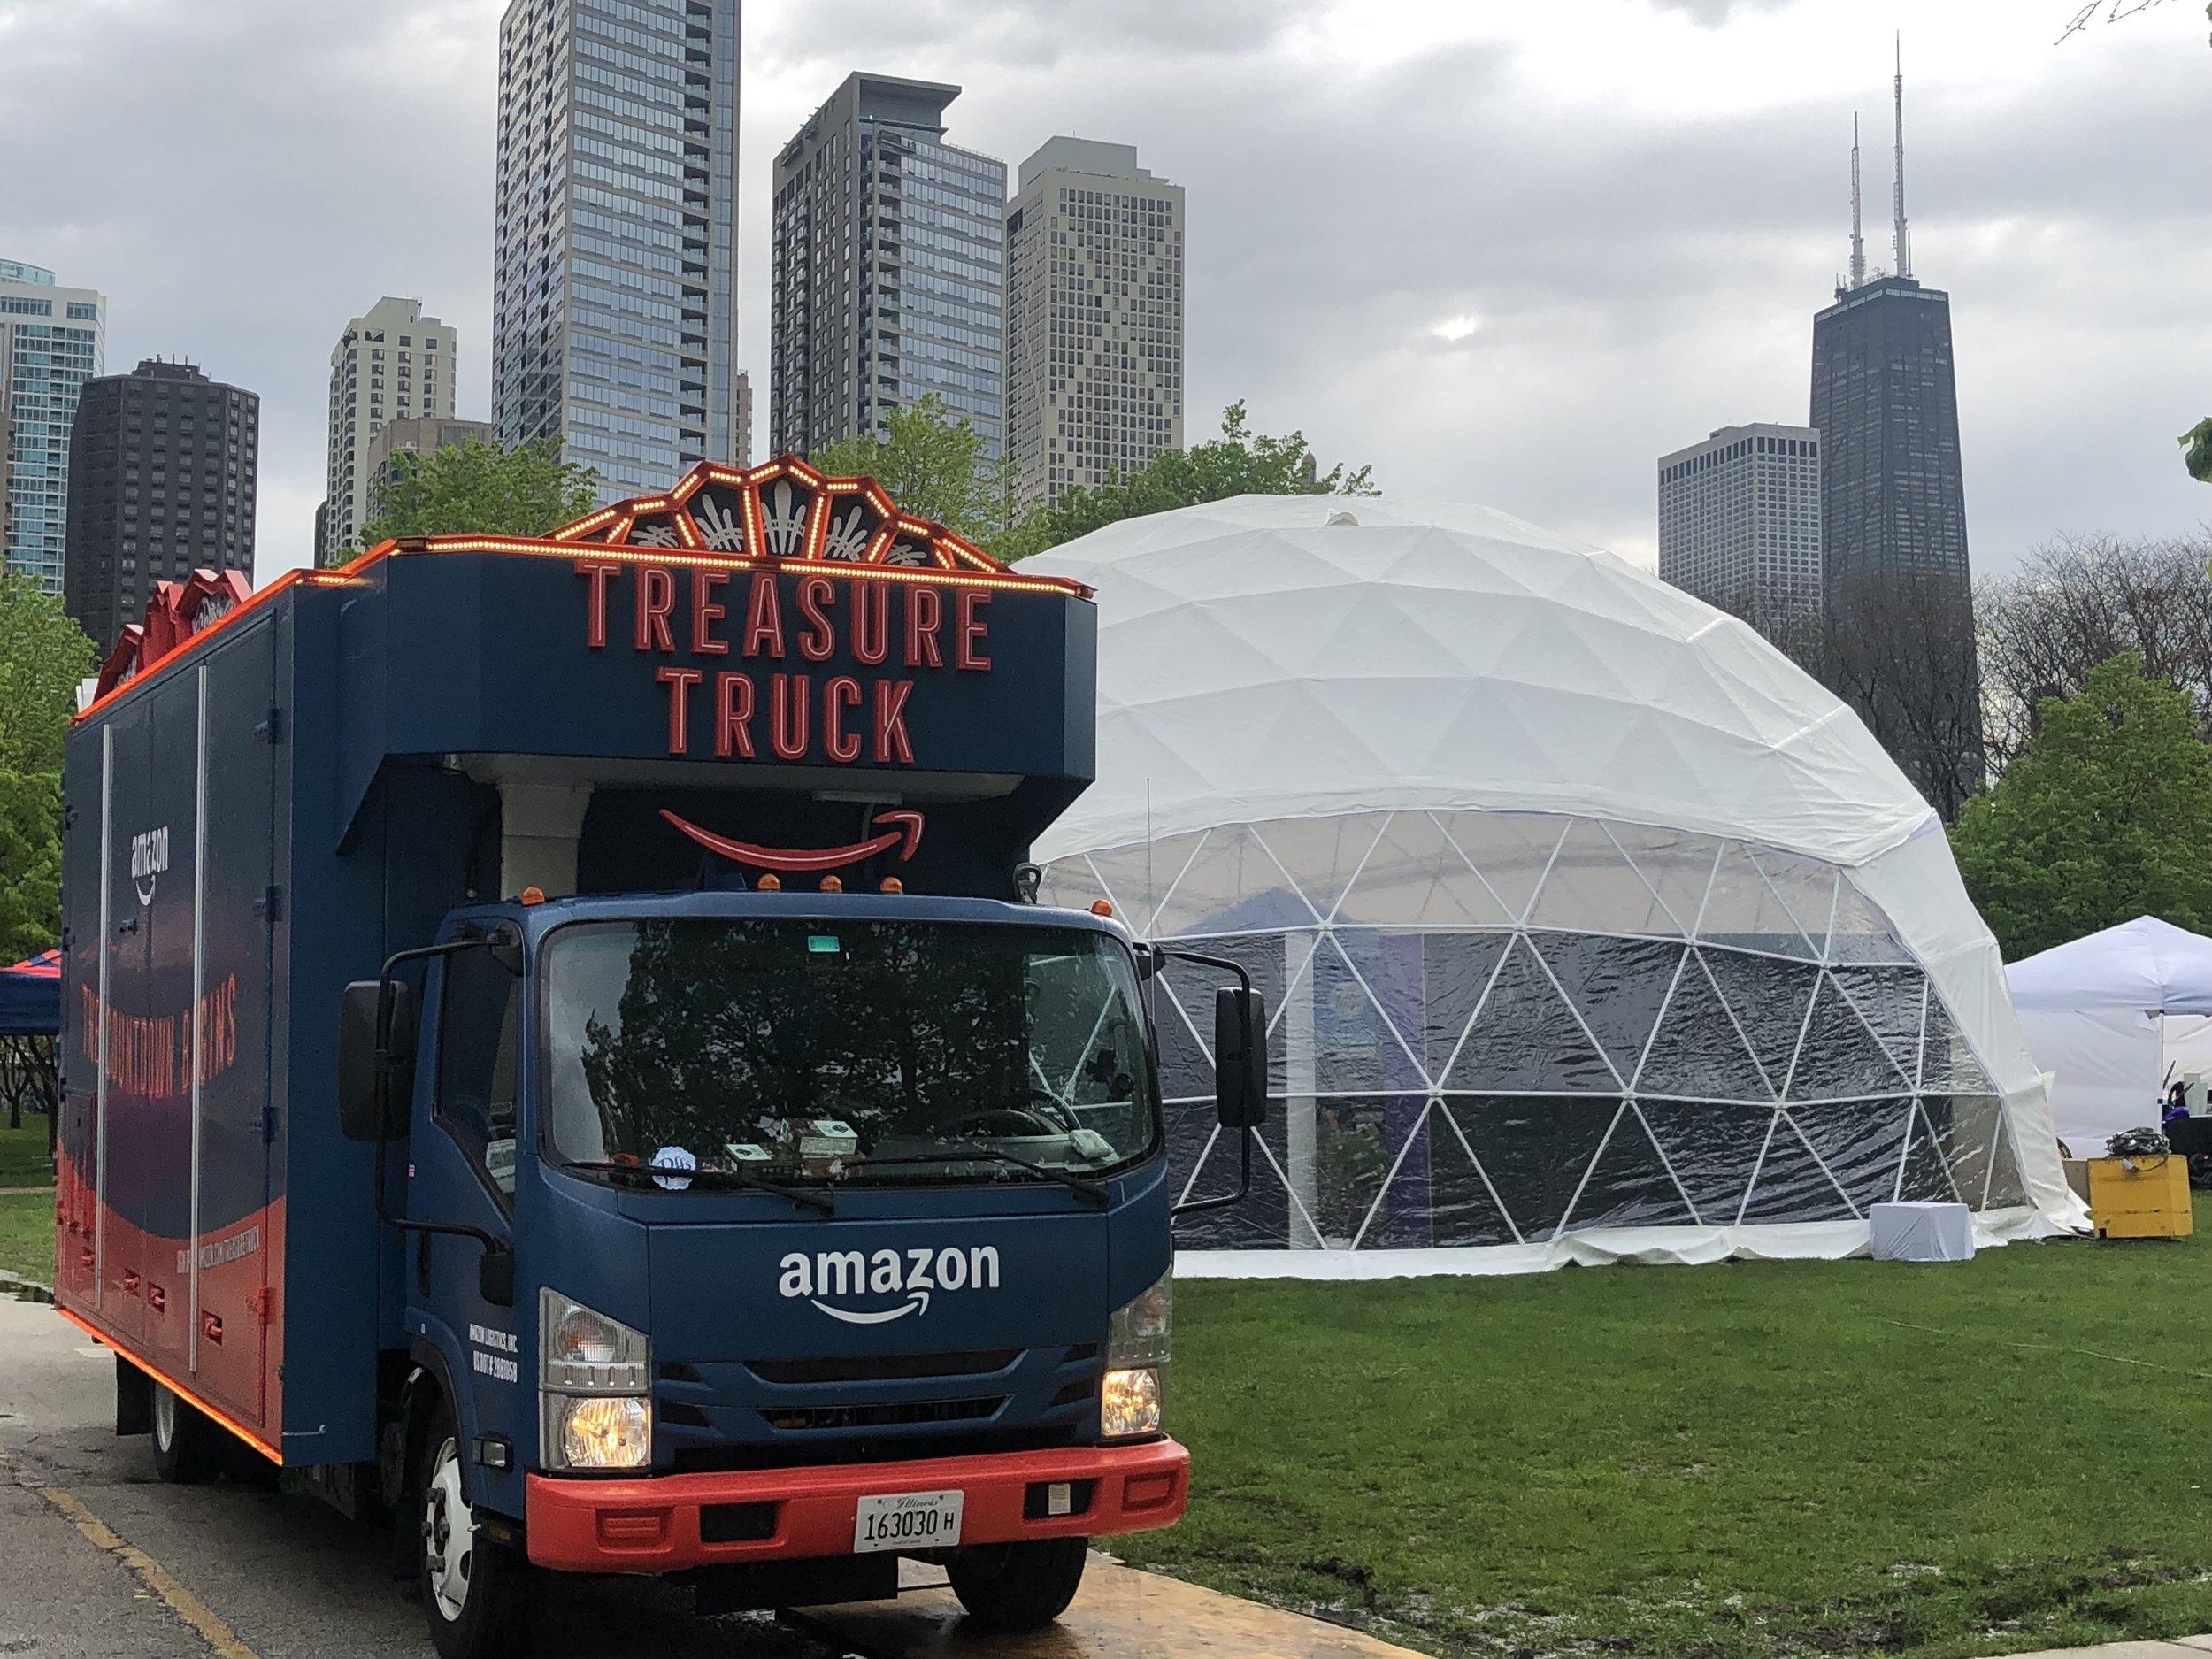 Amazon Dome.jpg